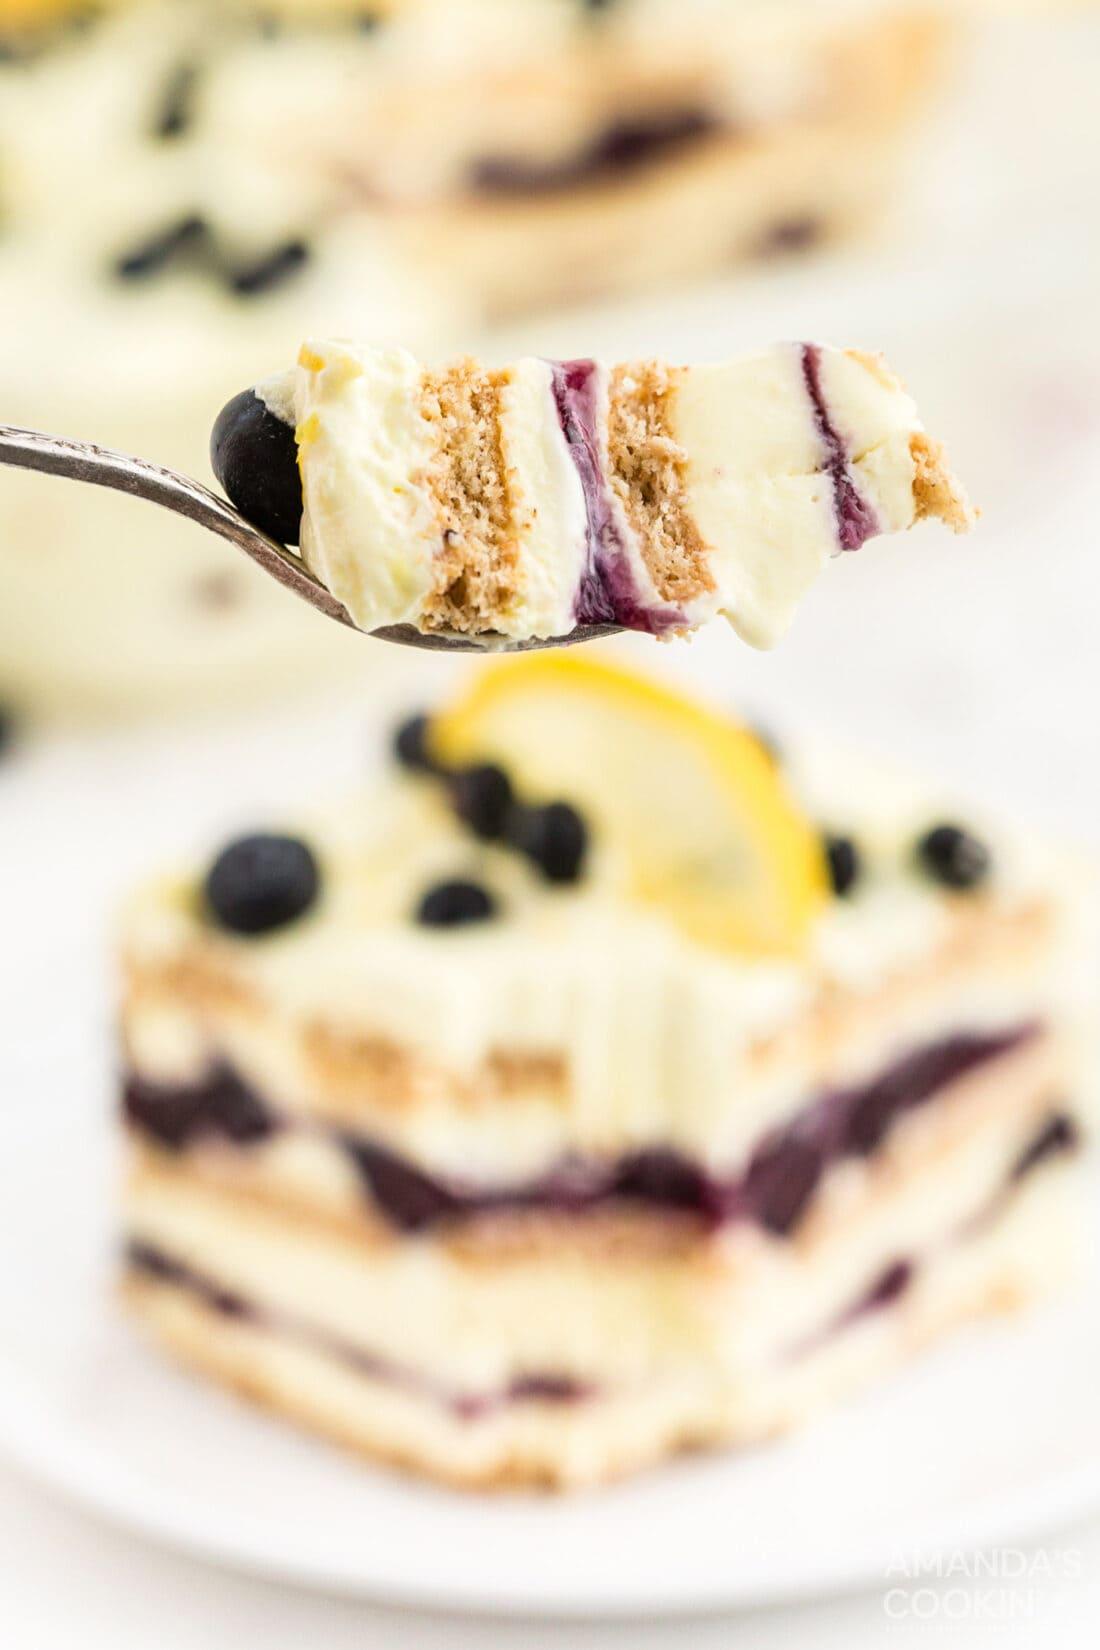 fork of Lemon Blueberry Icebox Cake